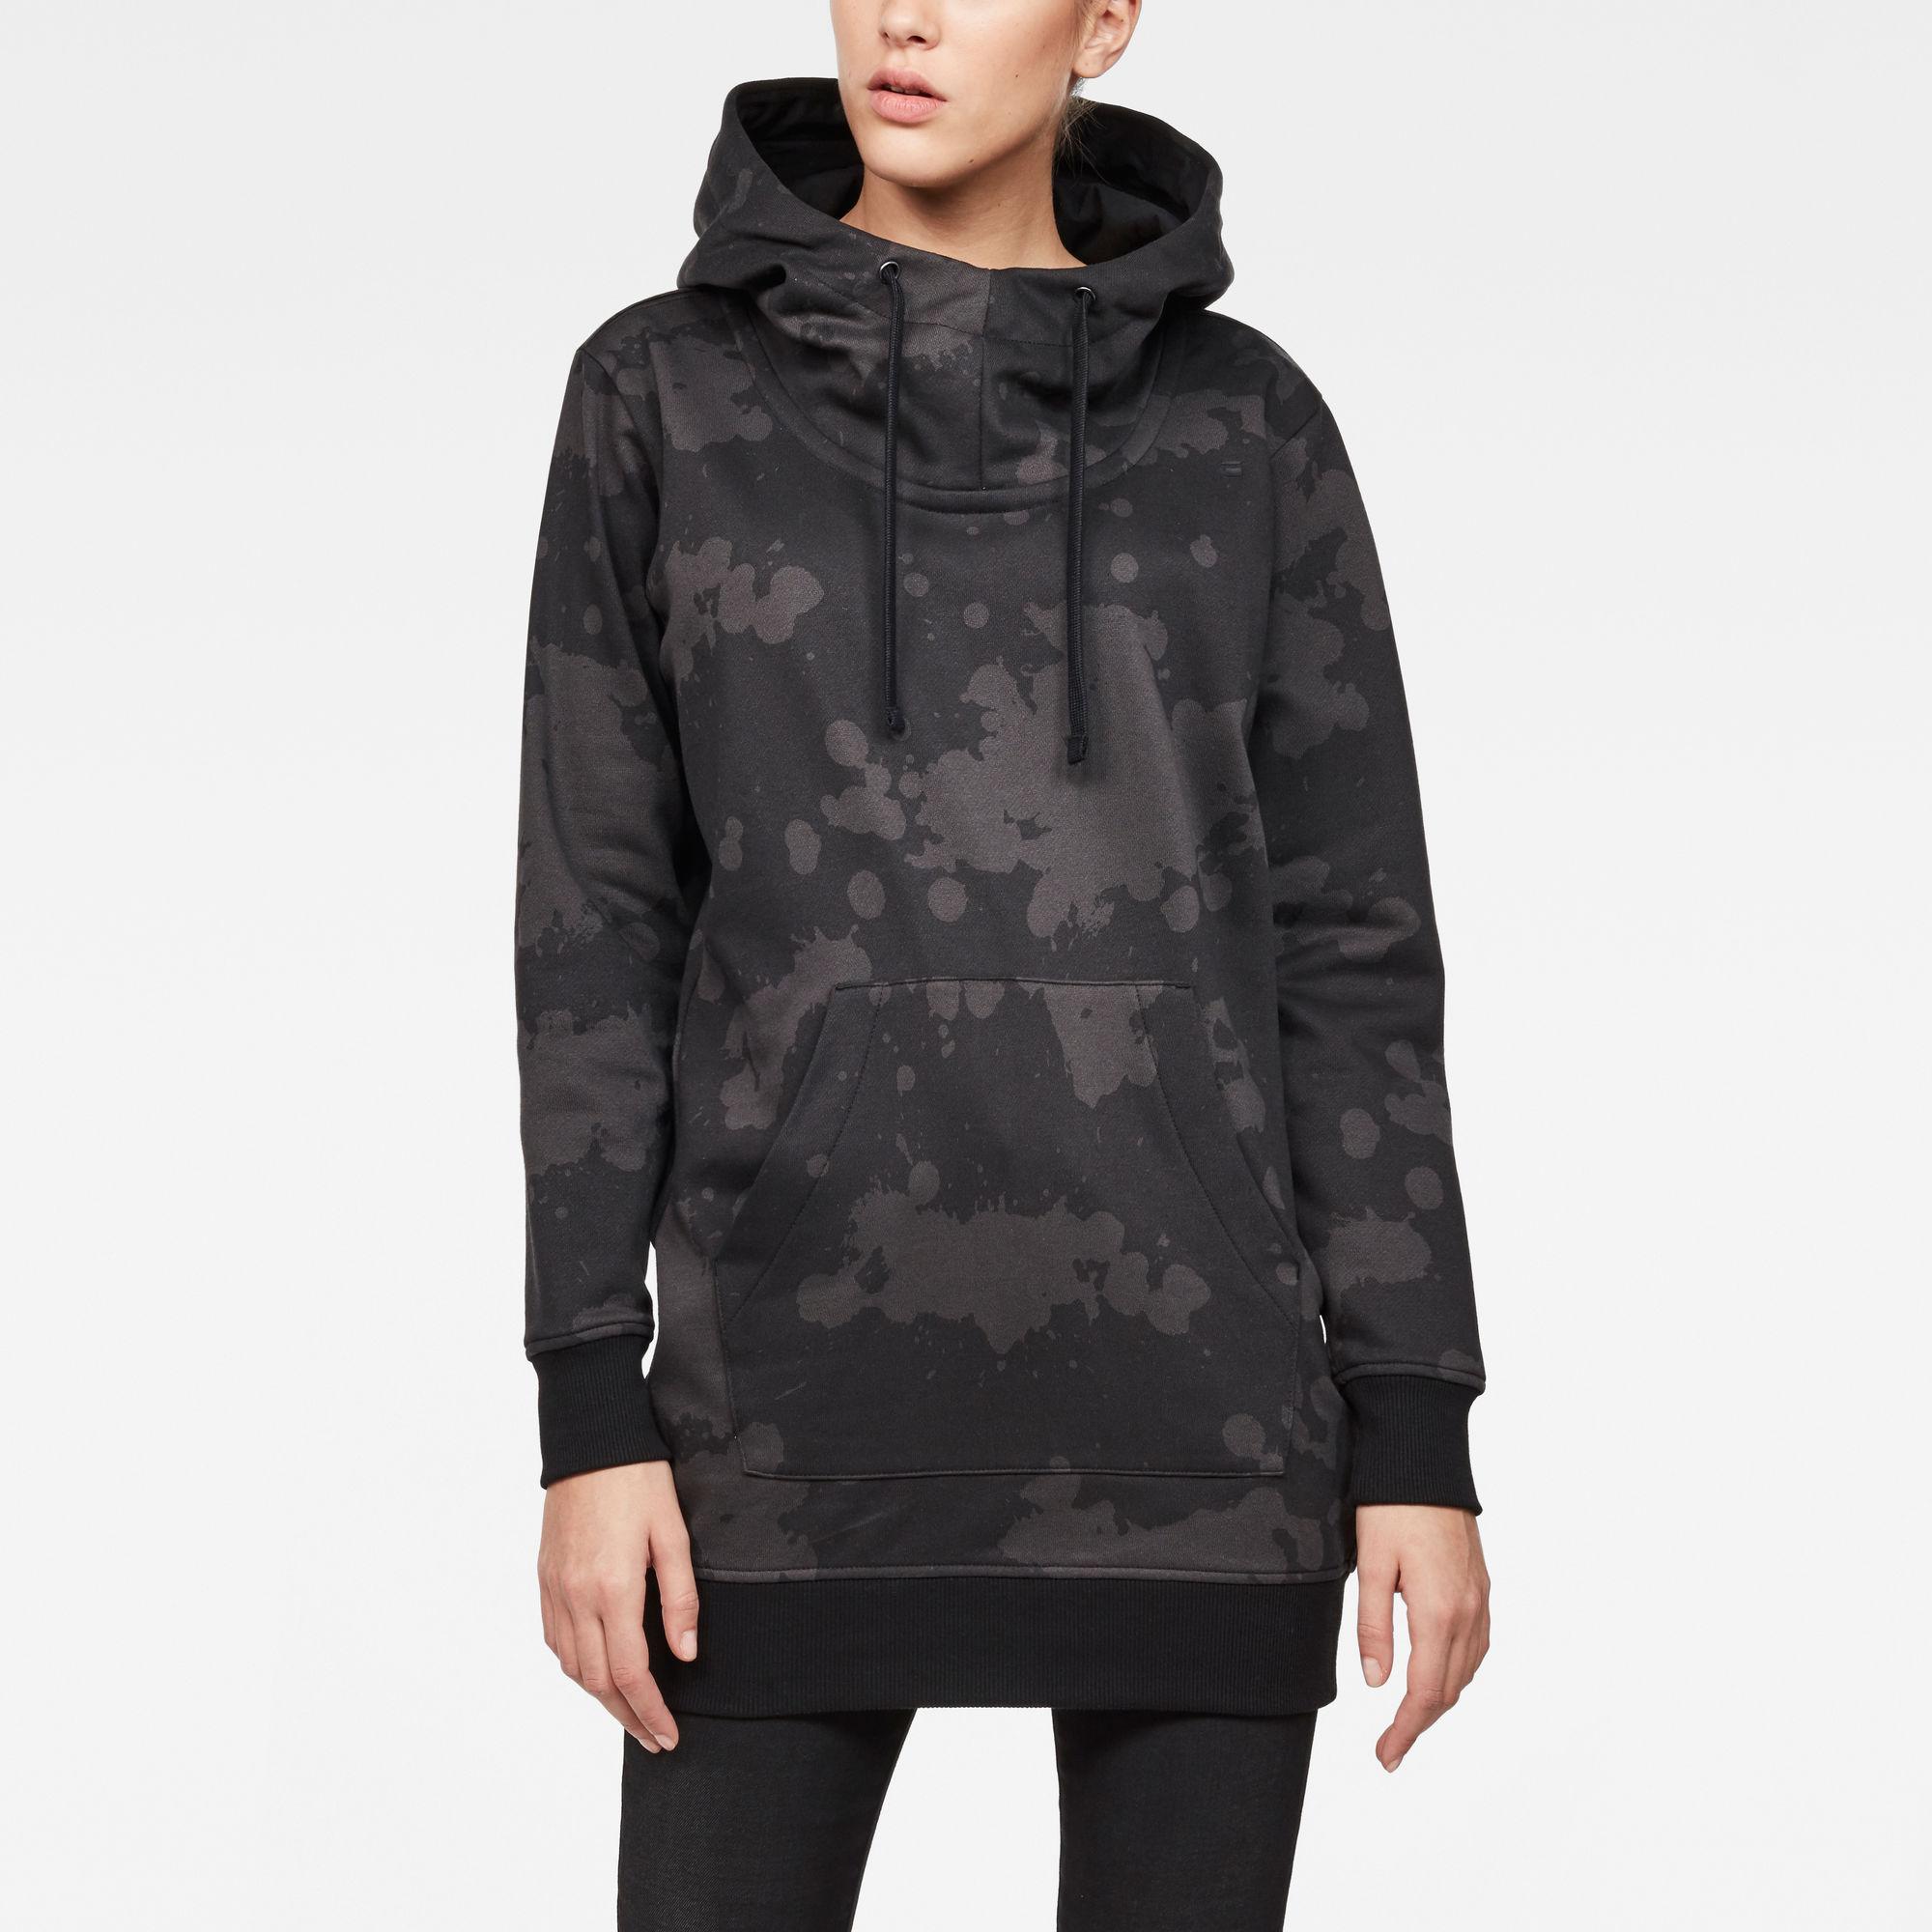 Reffit SC-1 Boyfriend Long Hooded Sweater